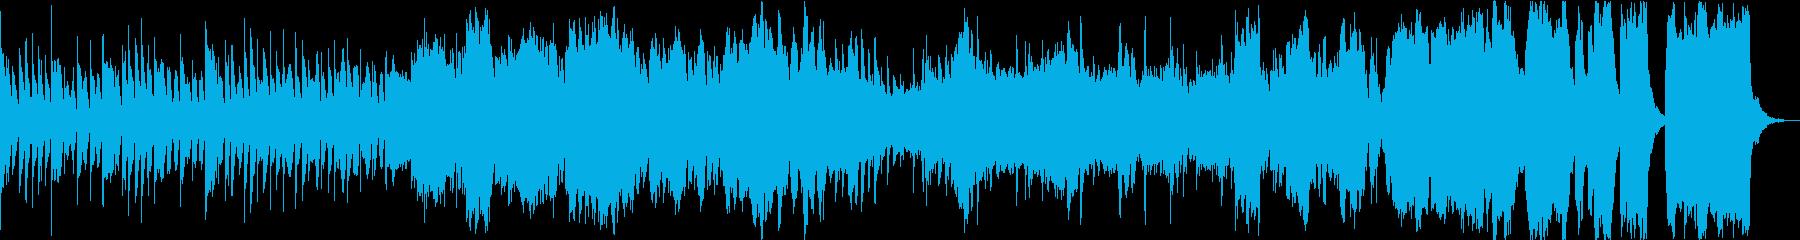 クラシカルな日常BGMの再生済みの波形